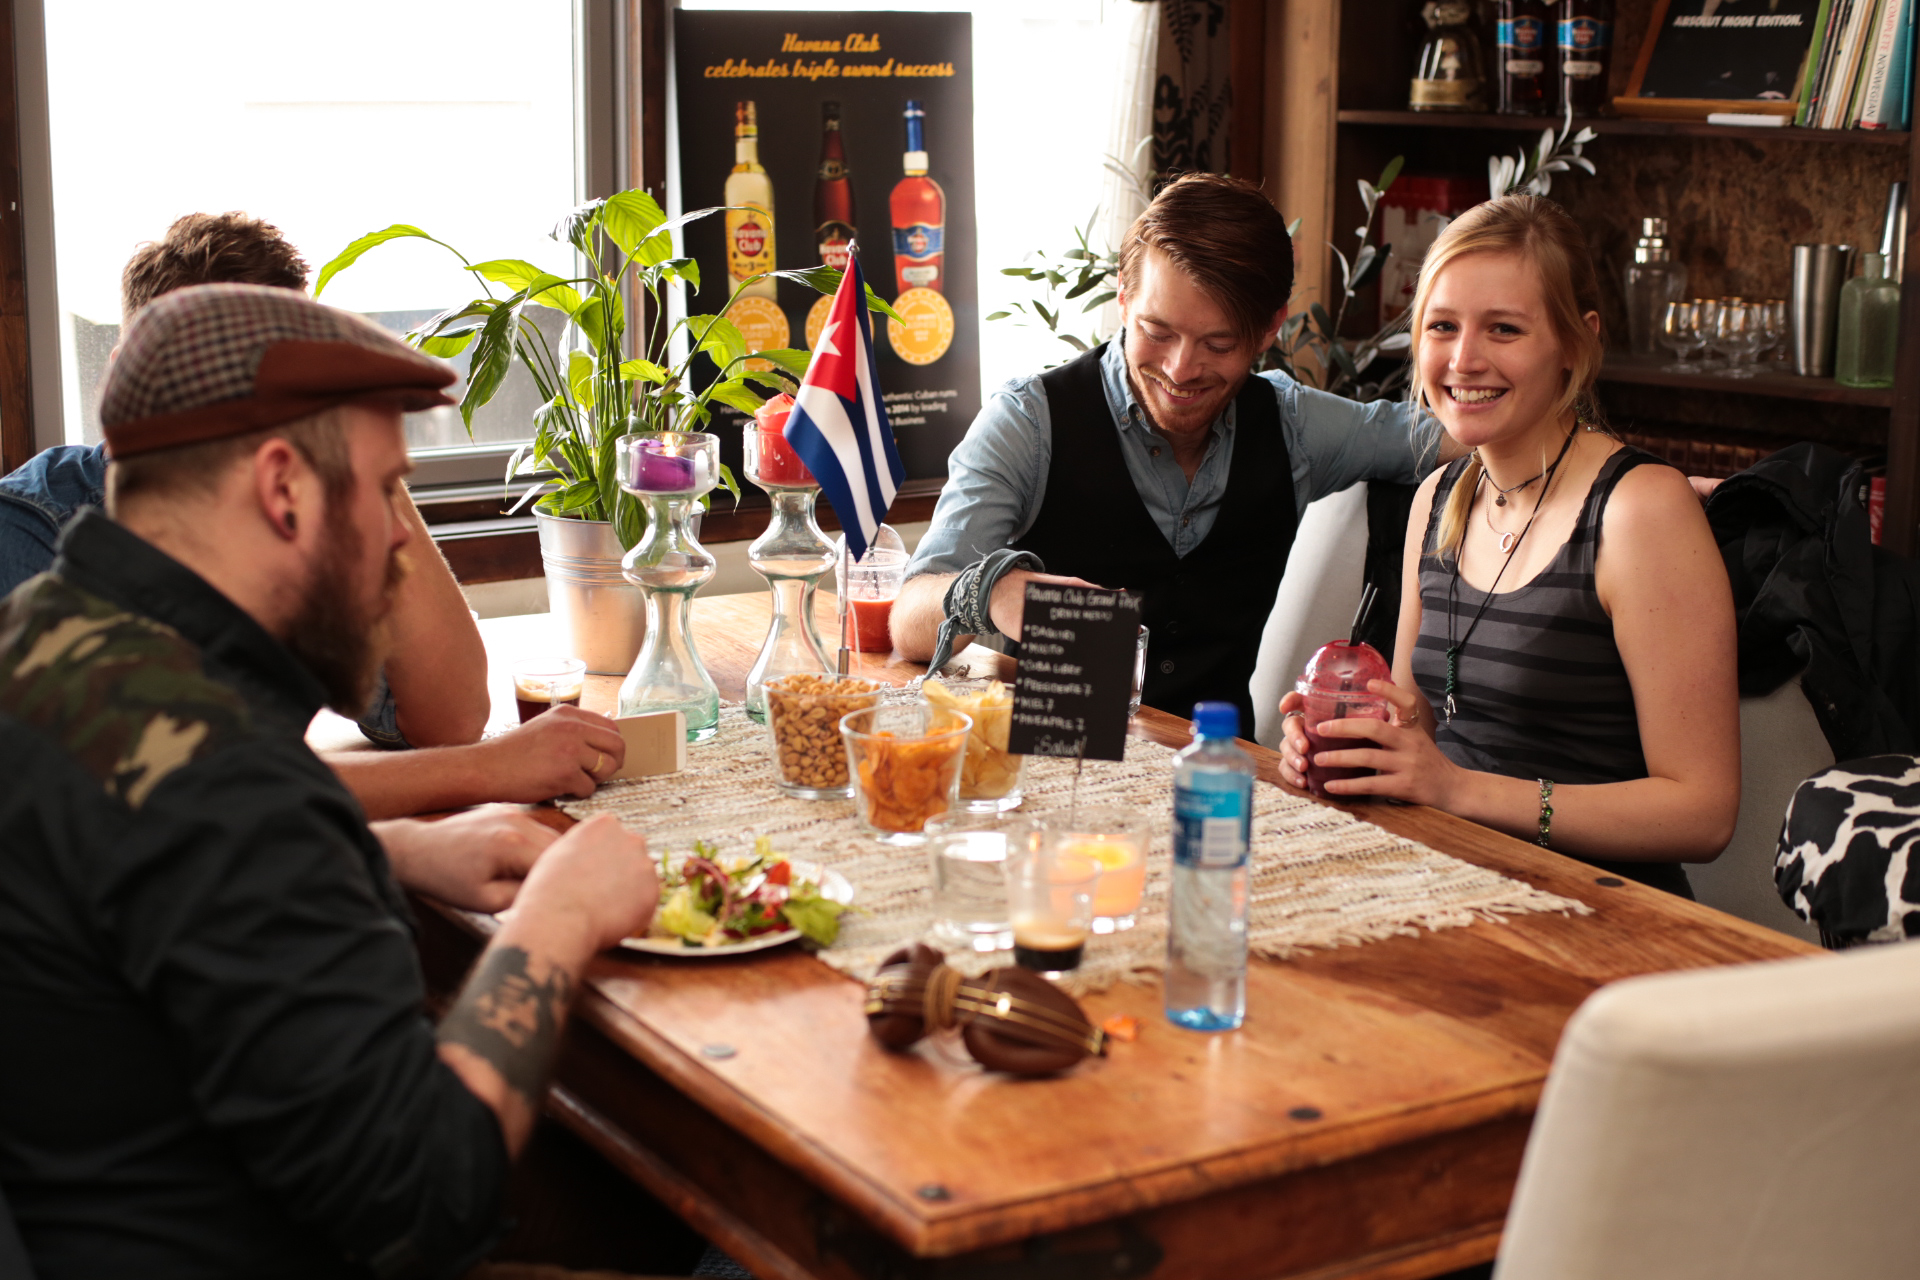 Skal man delta i en seriøs konkurranse, er det viktig å spise skikkelig. Det ble servert ernæringsrik lunsj før konkurransen startet på Liquid Engineers i Oslo.